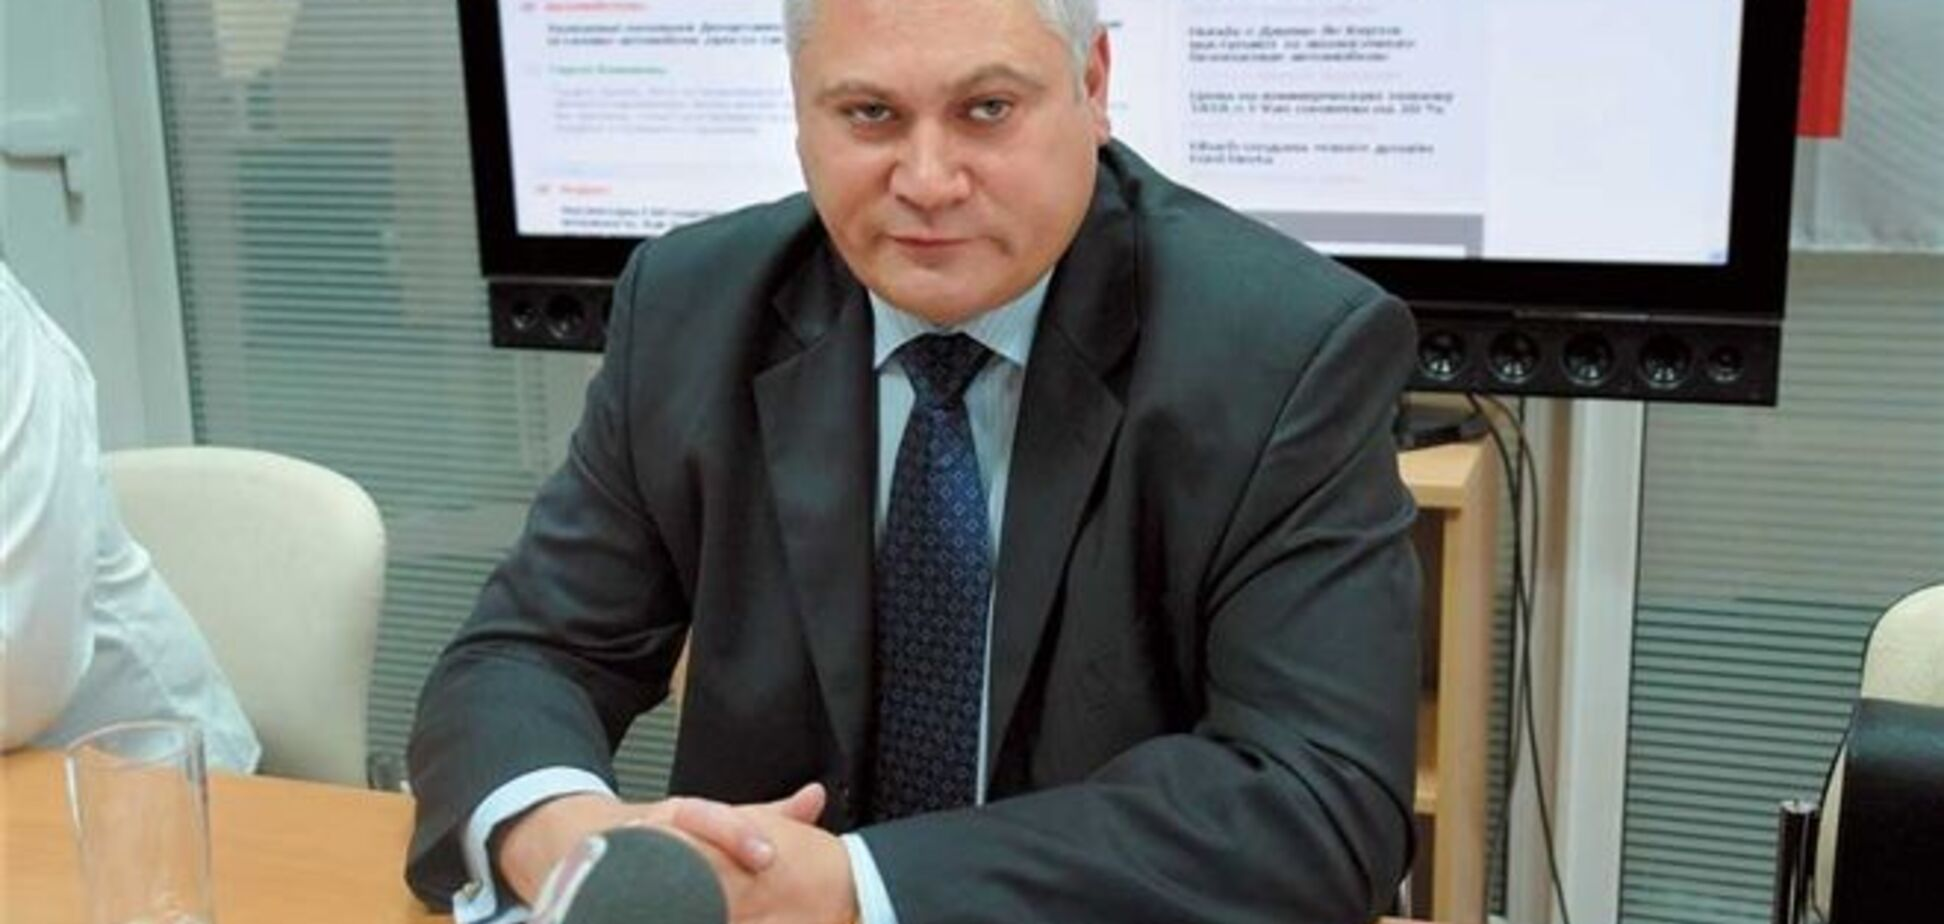 Колишній начальник ДАІ підозрюється у зловживаннях на 2 млн грн